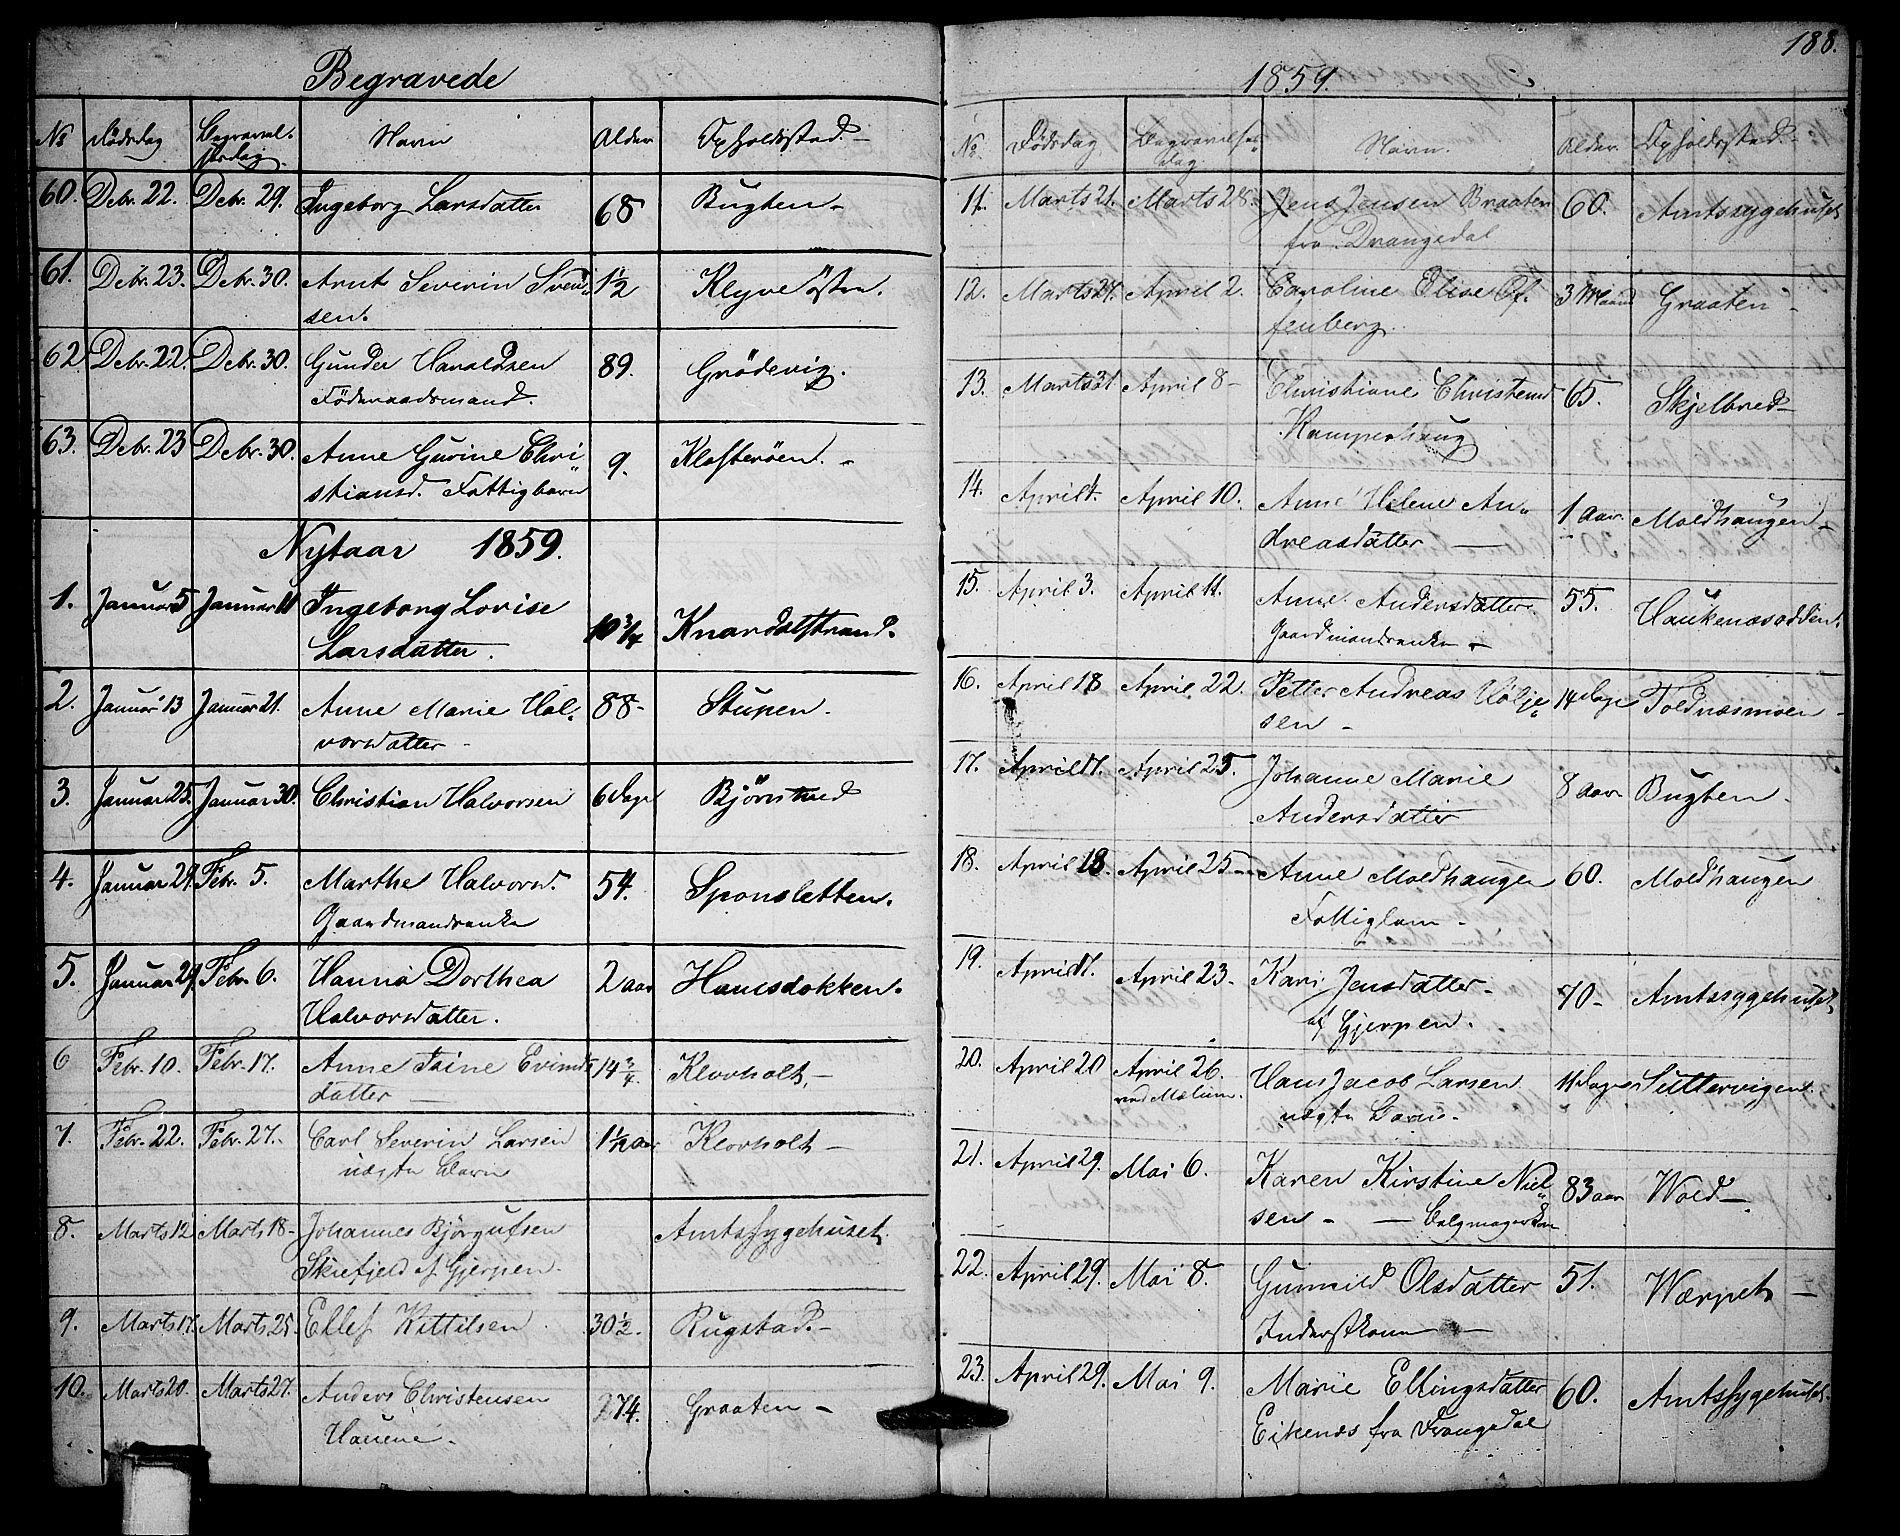 SAKO, Solum kirkebøker, G/Ga/L0003: Klokkerbok nr. I 3, 1848-1859, s. 188